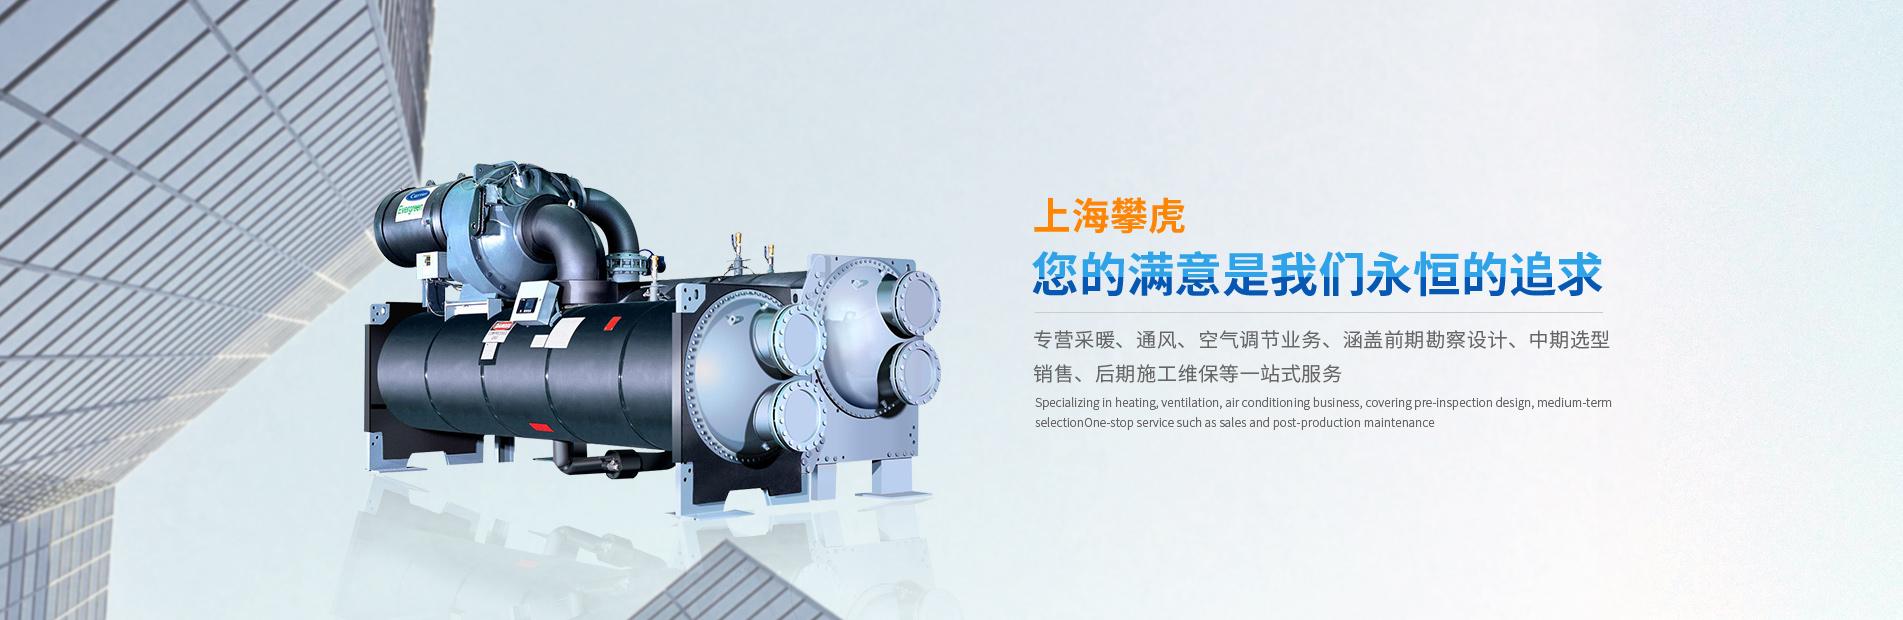 上海攀虎制冷设备有限公司